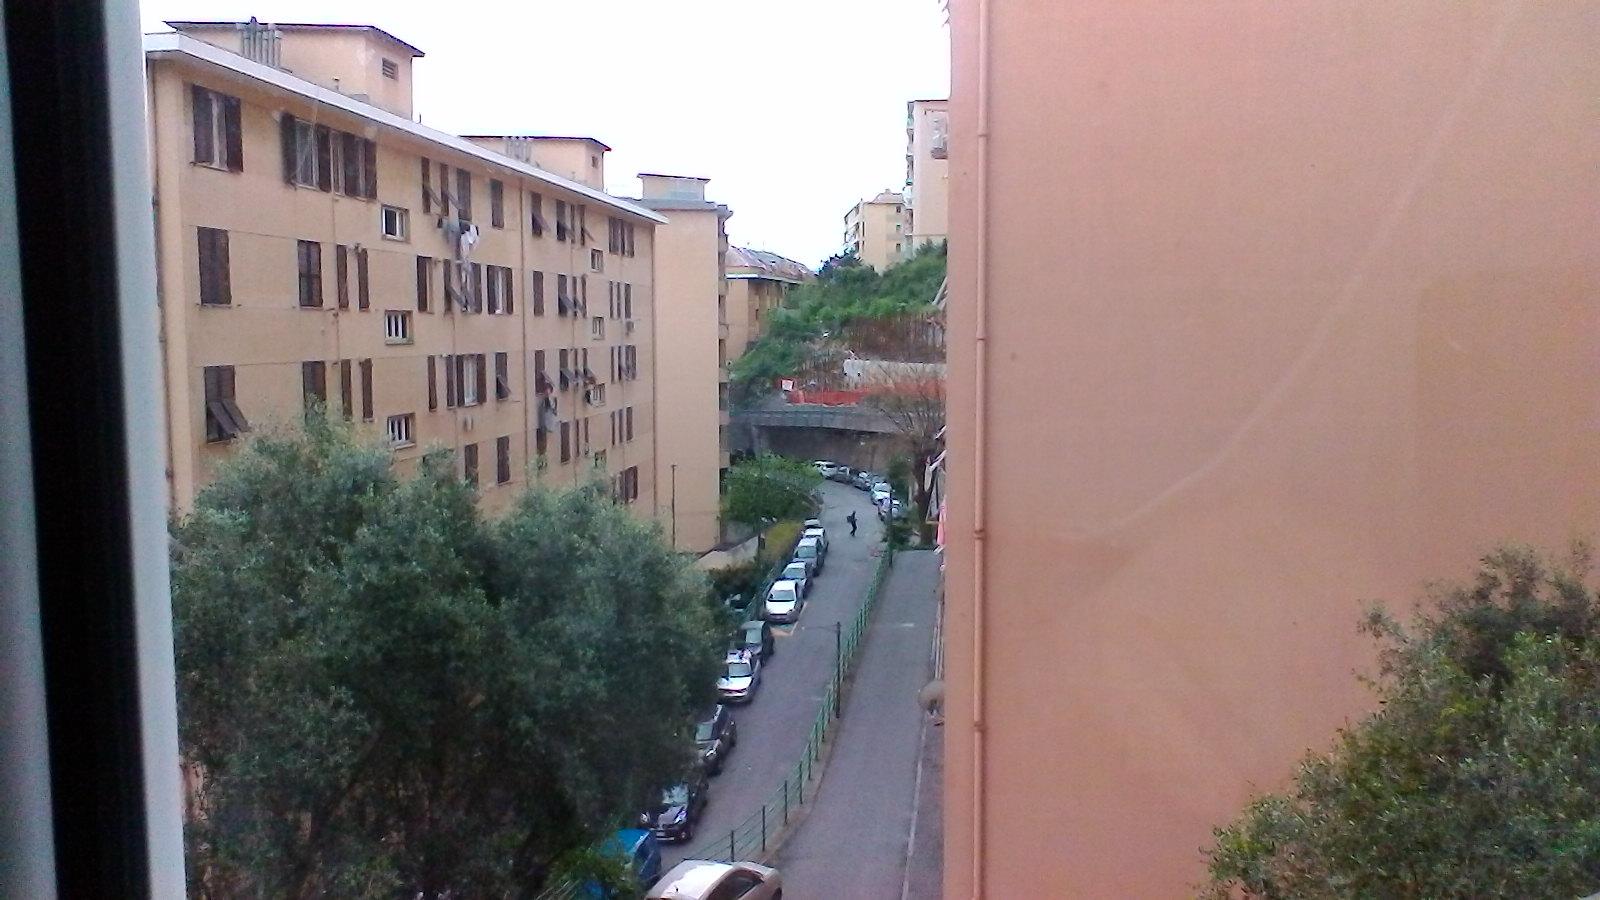 Appartamento in affitto a Genova, 1 locali, zona Località: Borgoratti, prezzo € 450 | Cambio Casa.it